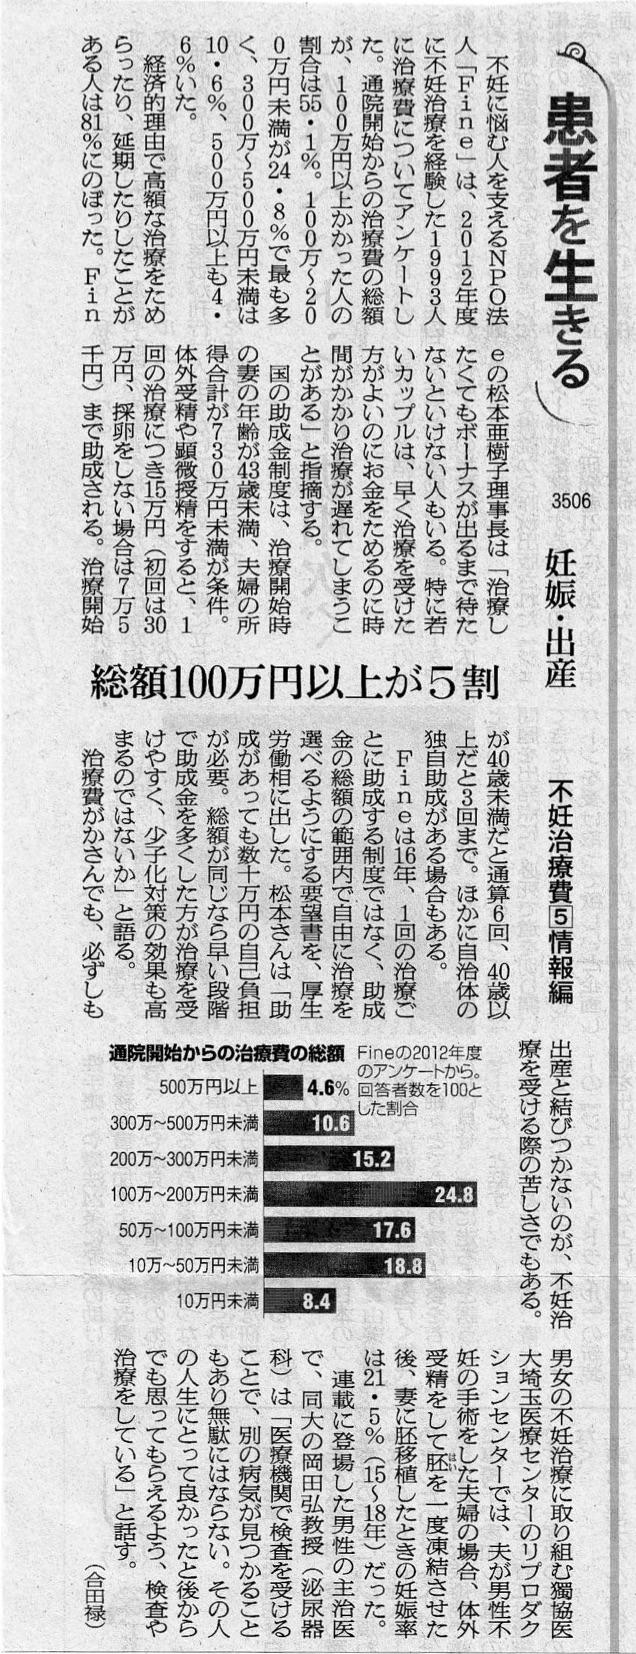 Asahi_20180309